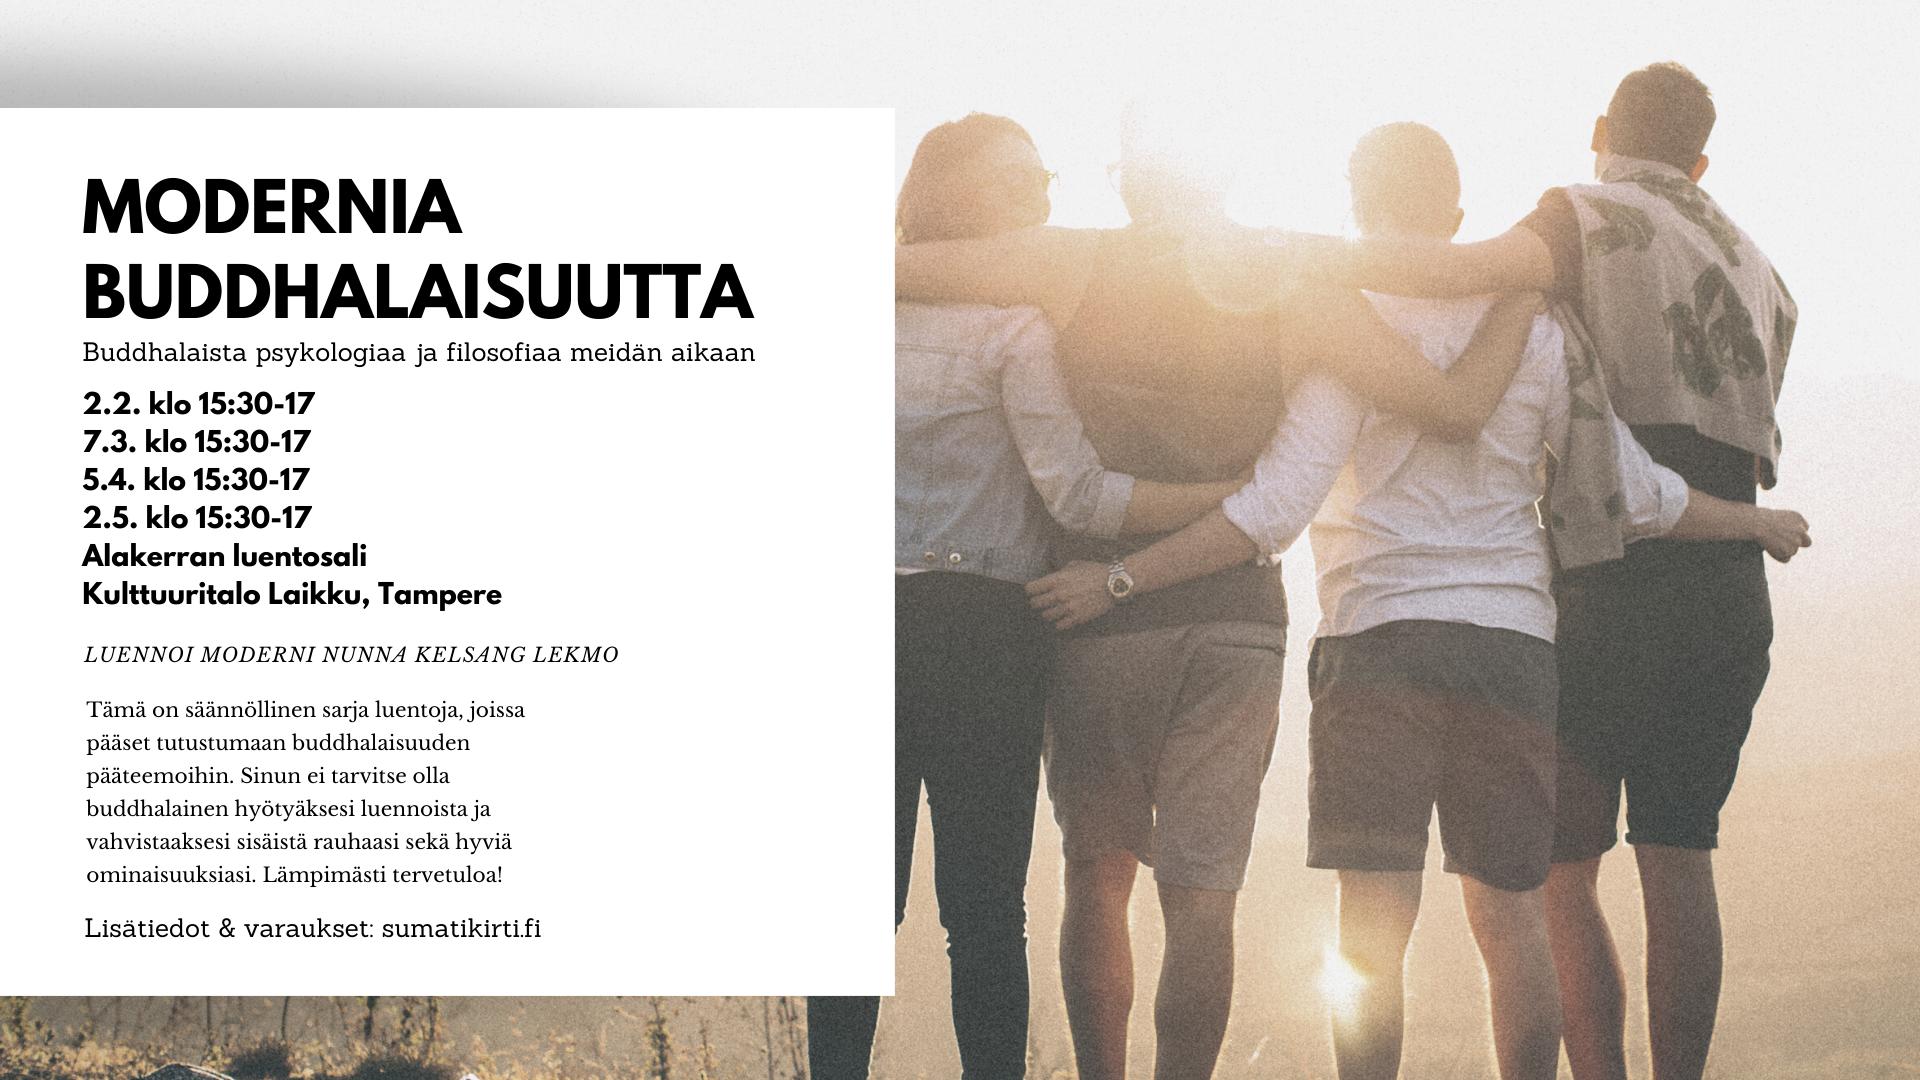 Järjestetään videoluentoina. Seuraa tarkempaa tiedotusta sumatikirti.fi: MODERNIA BUDDHALAISUUTTA: buddhalaista psykologiaa ja filosofiaa meidän aikaan